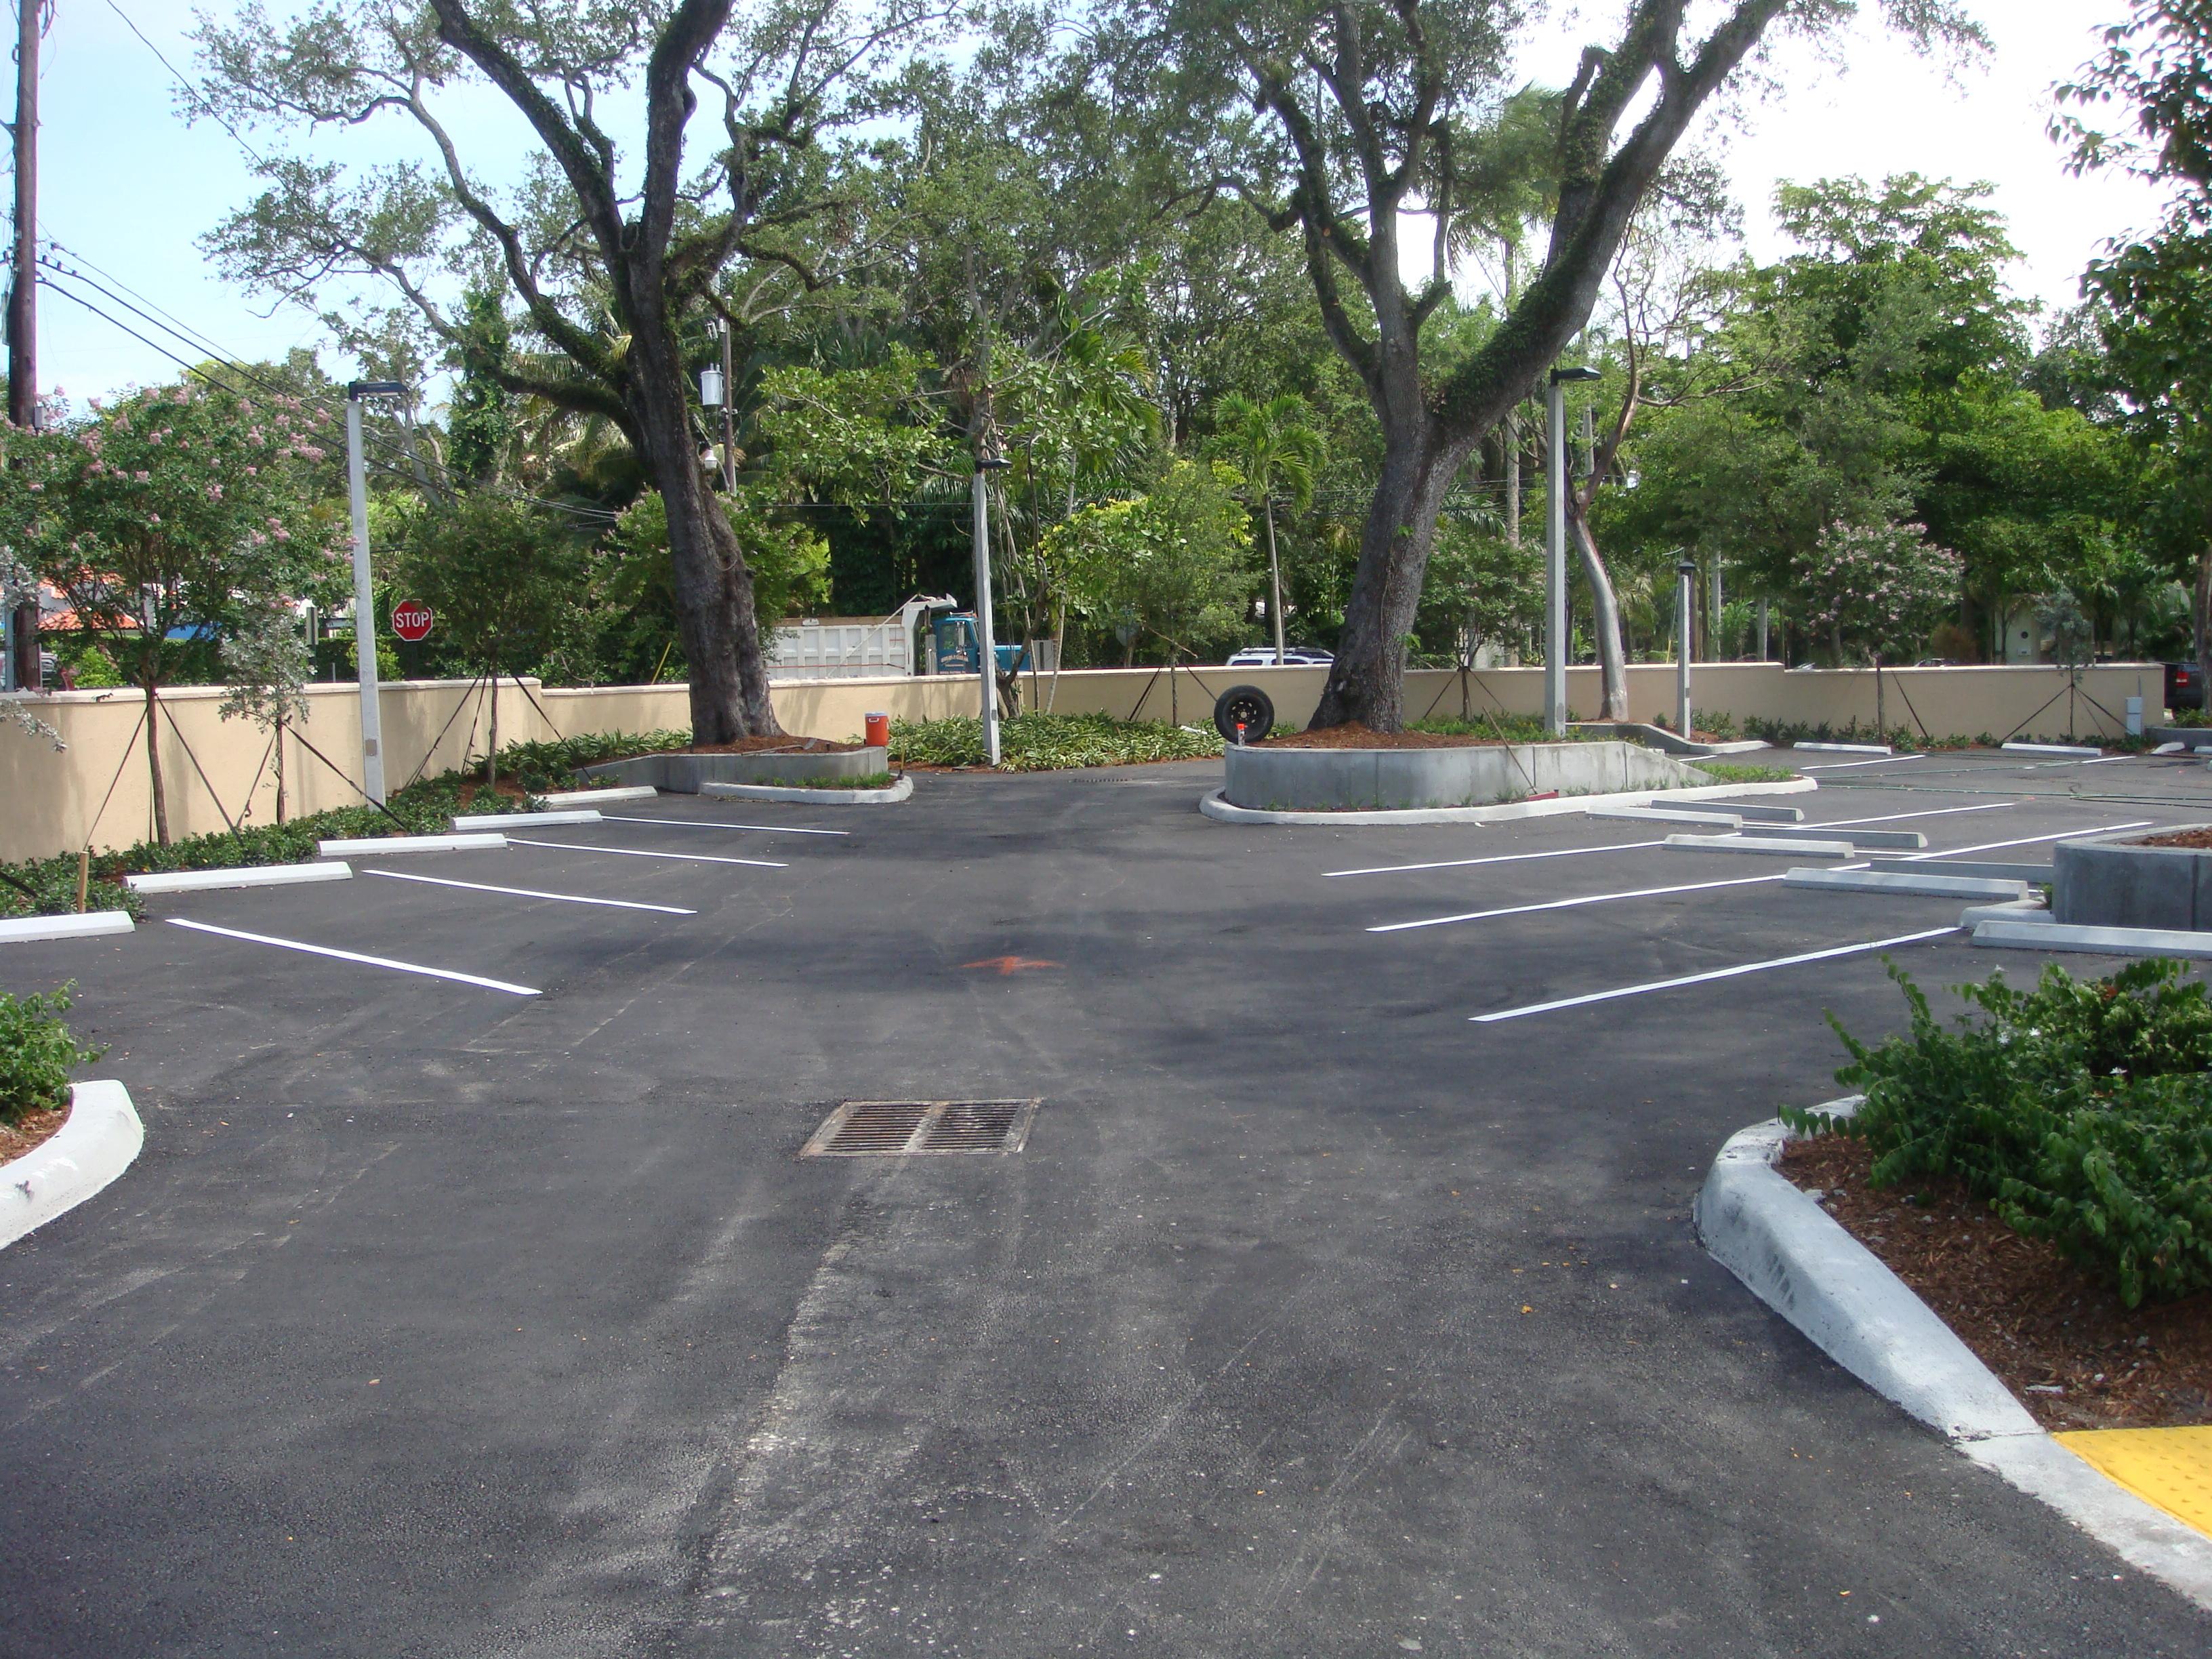 Kindred Health Parking Lot, asphalt